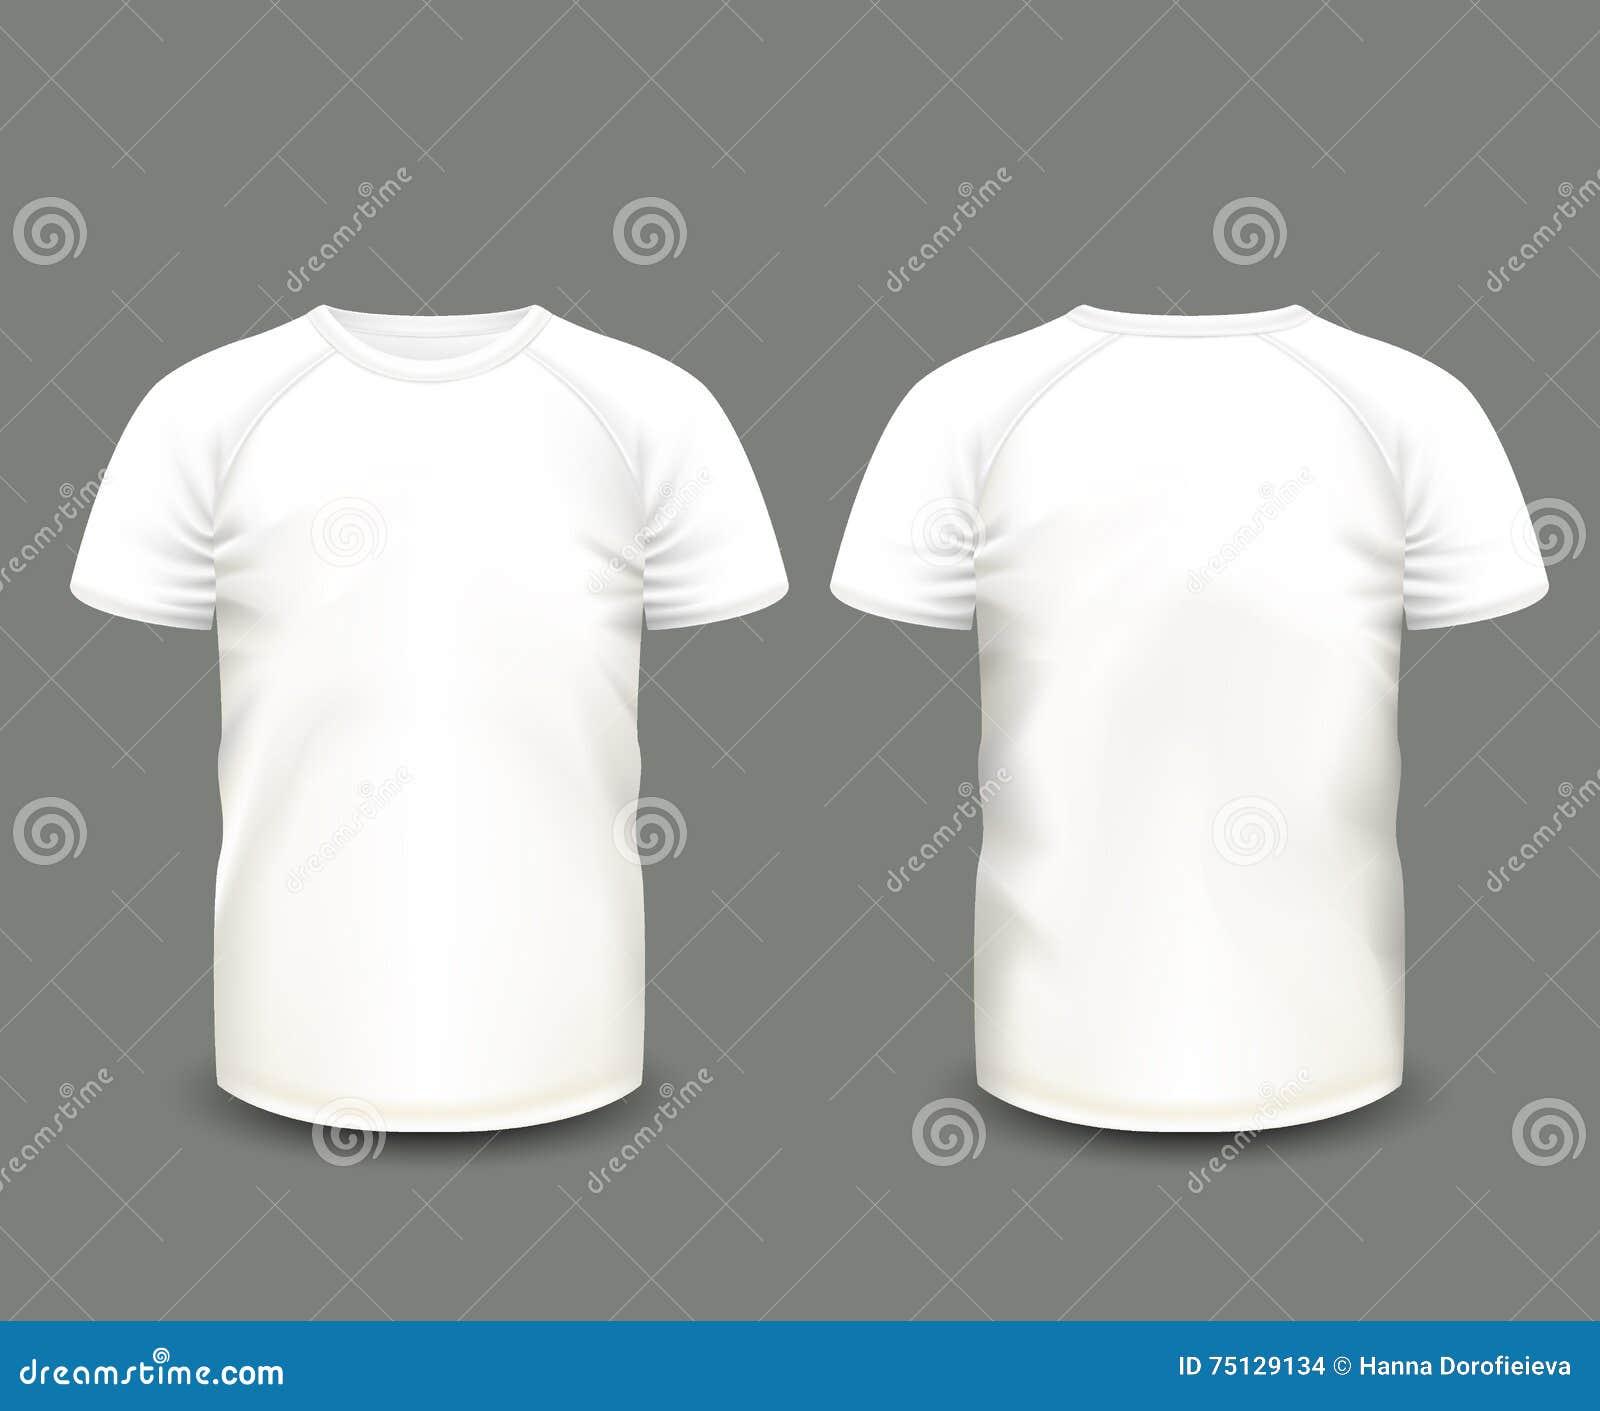 在前面和后面看法的人的白色套袖大衣T恤杉 边界月桂树离开橡木丝带模板向量 充分地编辑可能的手工制造滤网